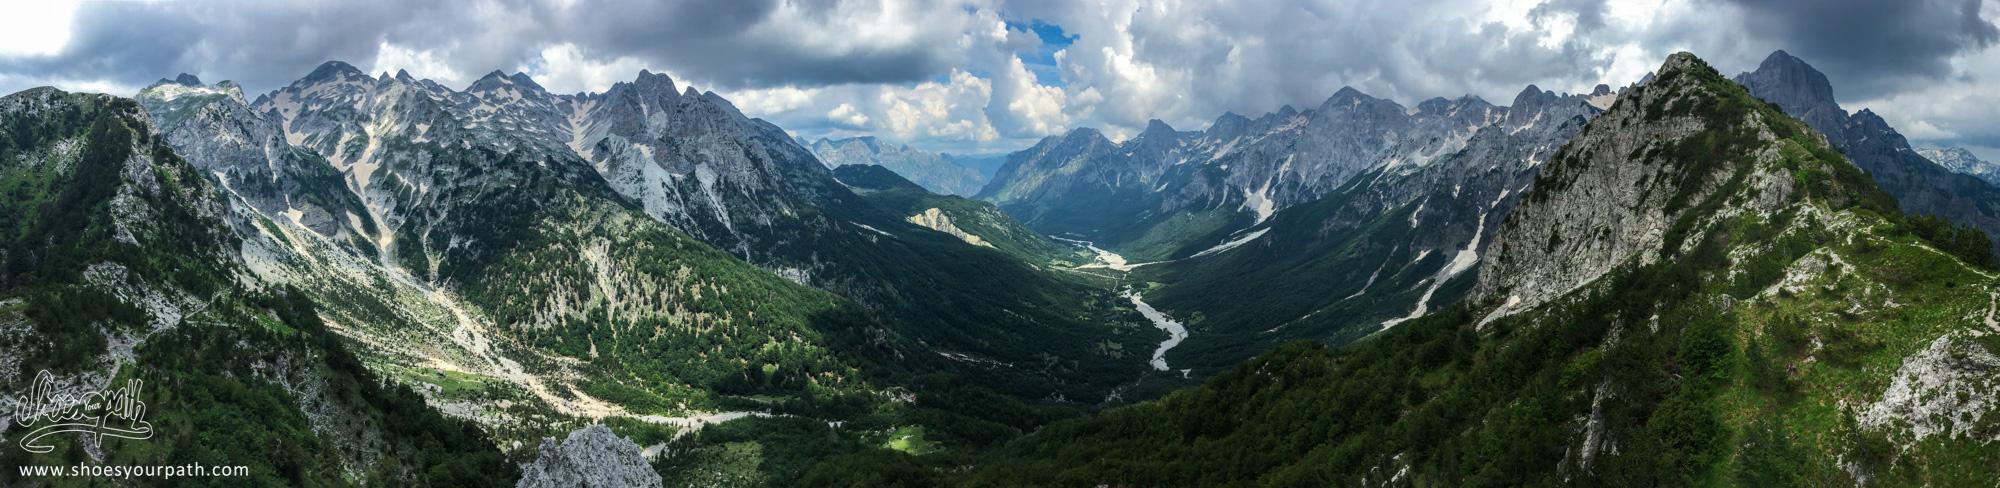 Valbona pass - Albanie - Peaks of the Balkans